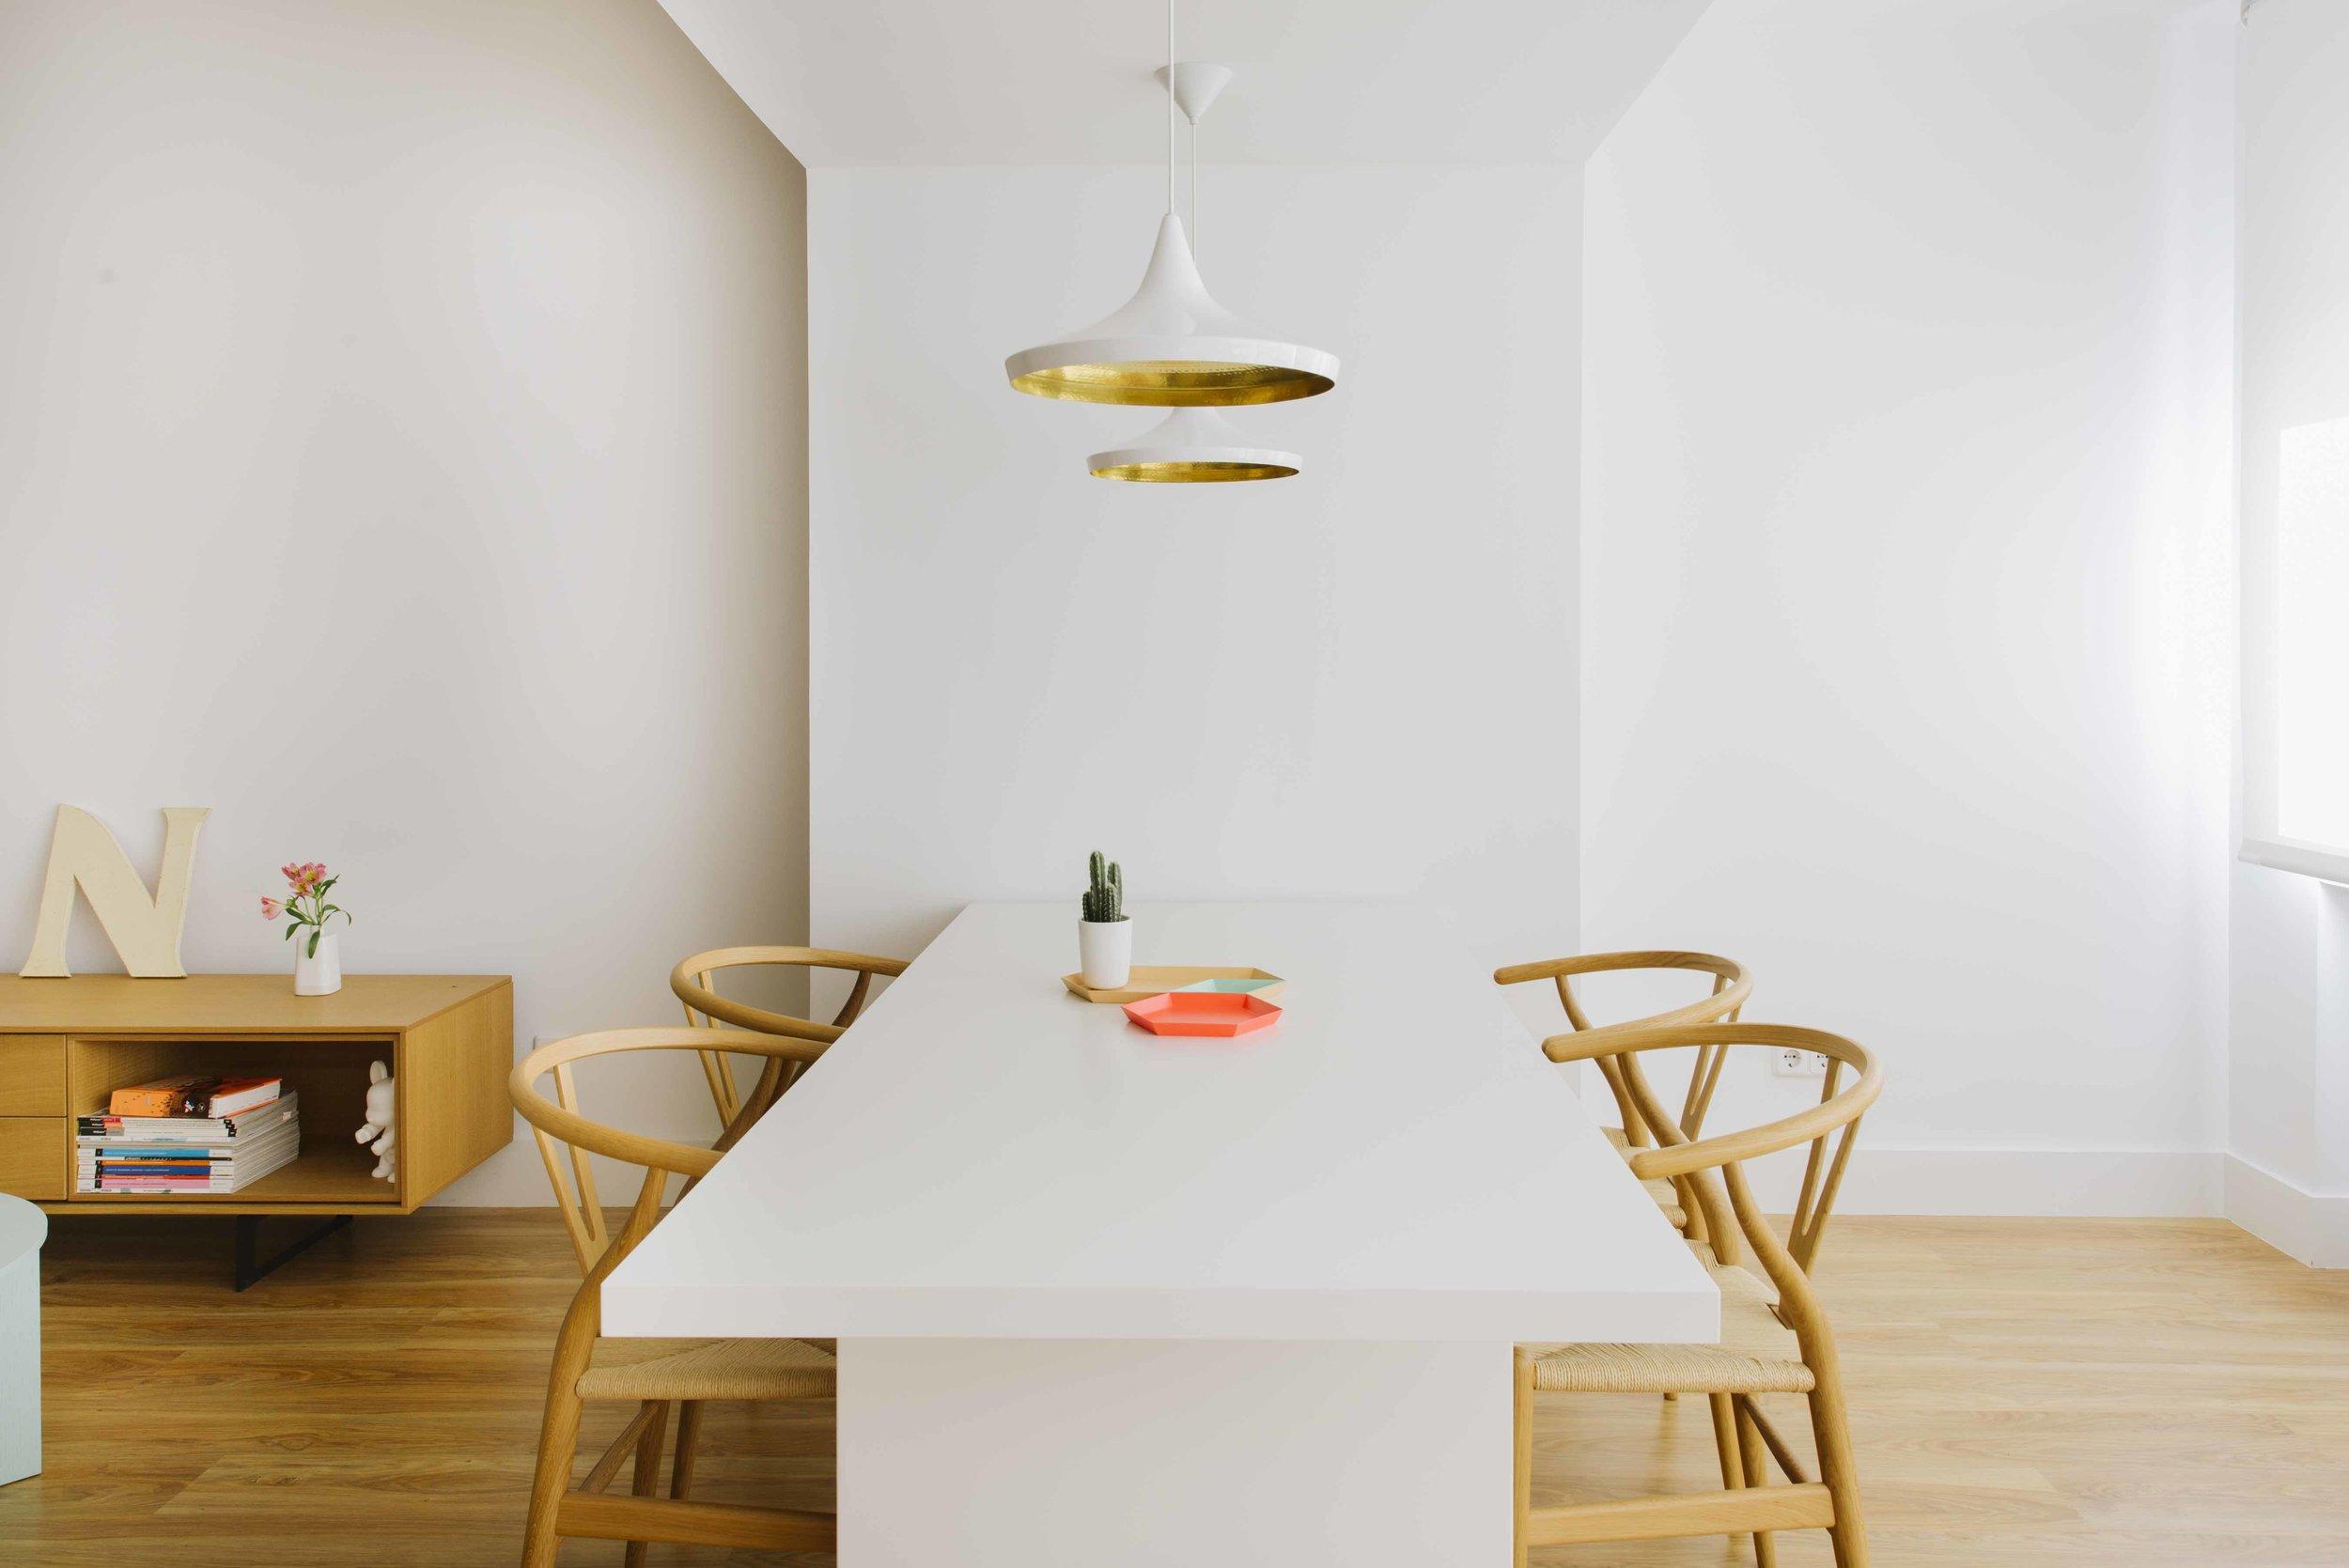 fotografía-estudio-arquitectura-nimu-266